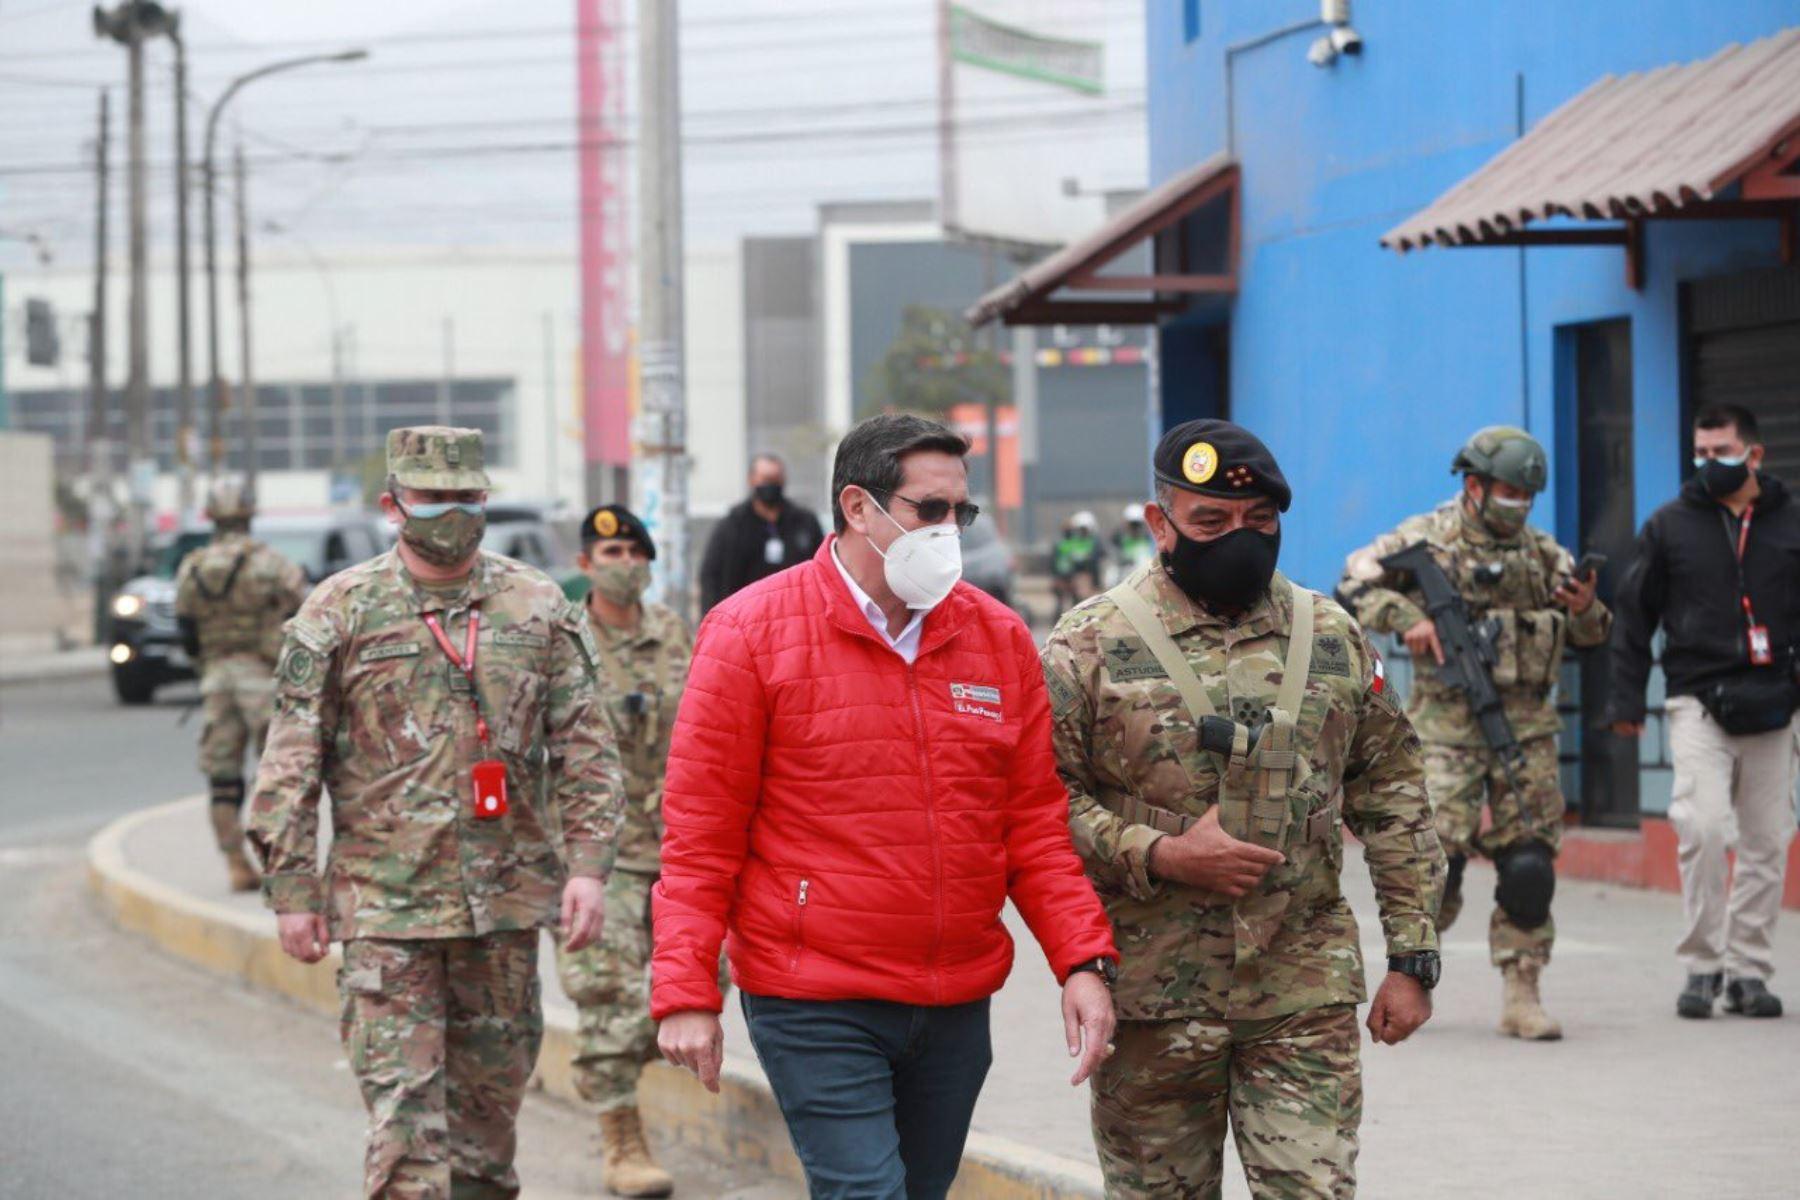 Ministro de Defensa y jefe del Comando Conjunto supervisan inmovilización social | Noticias